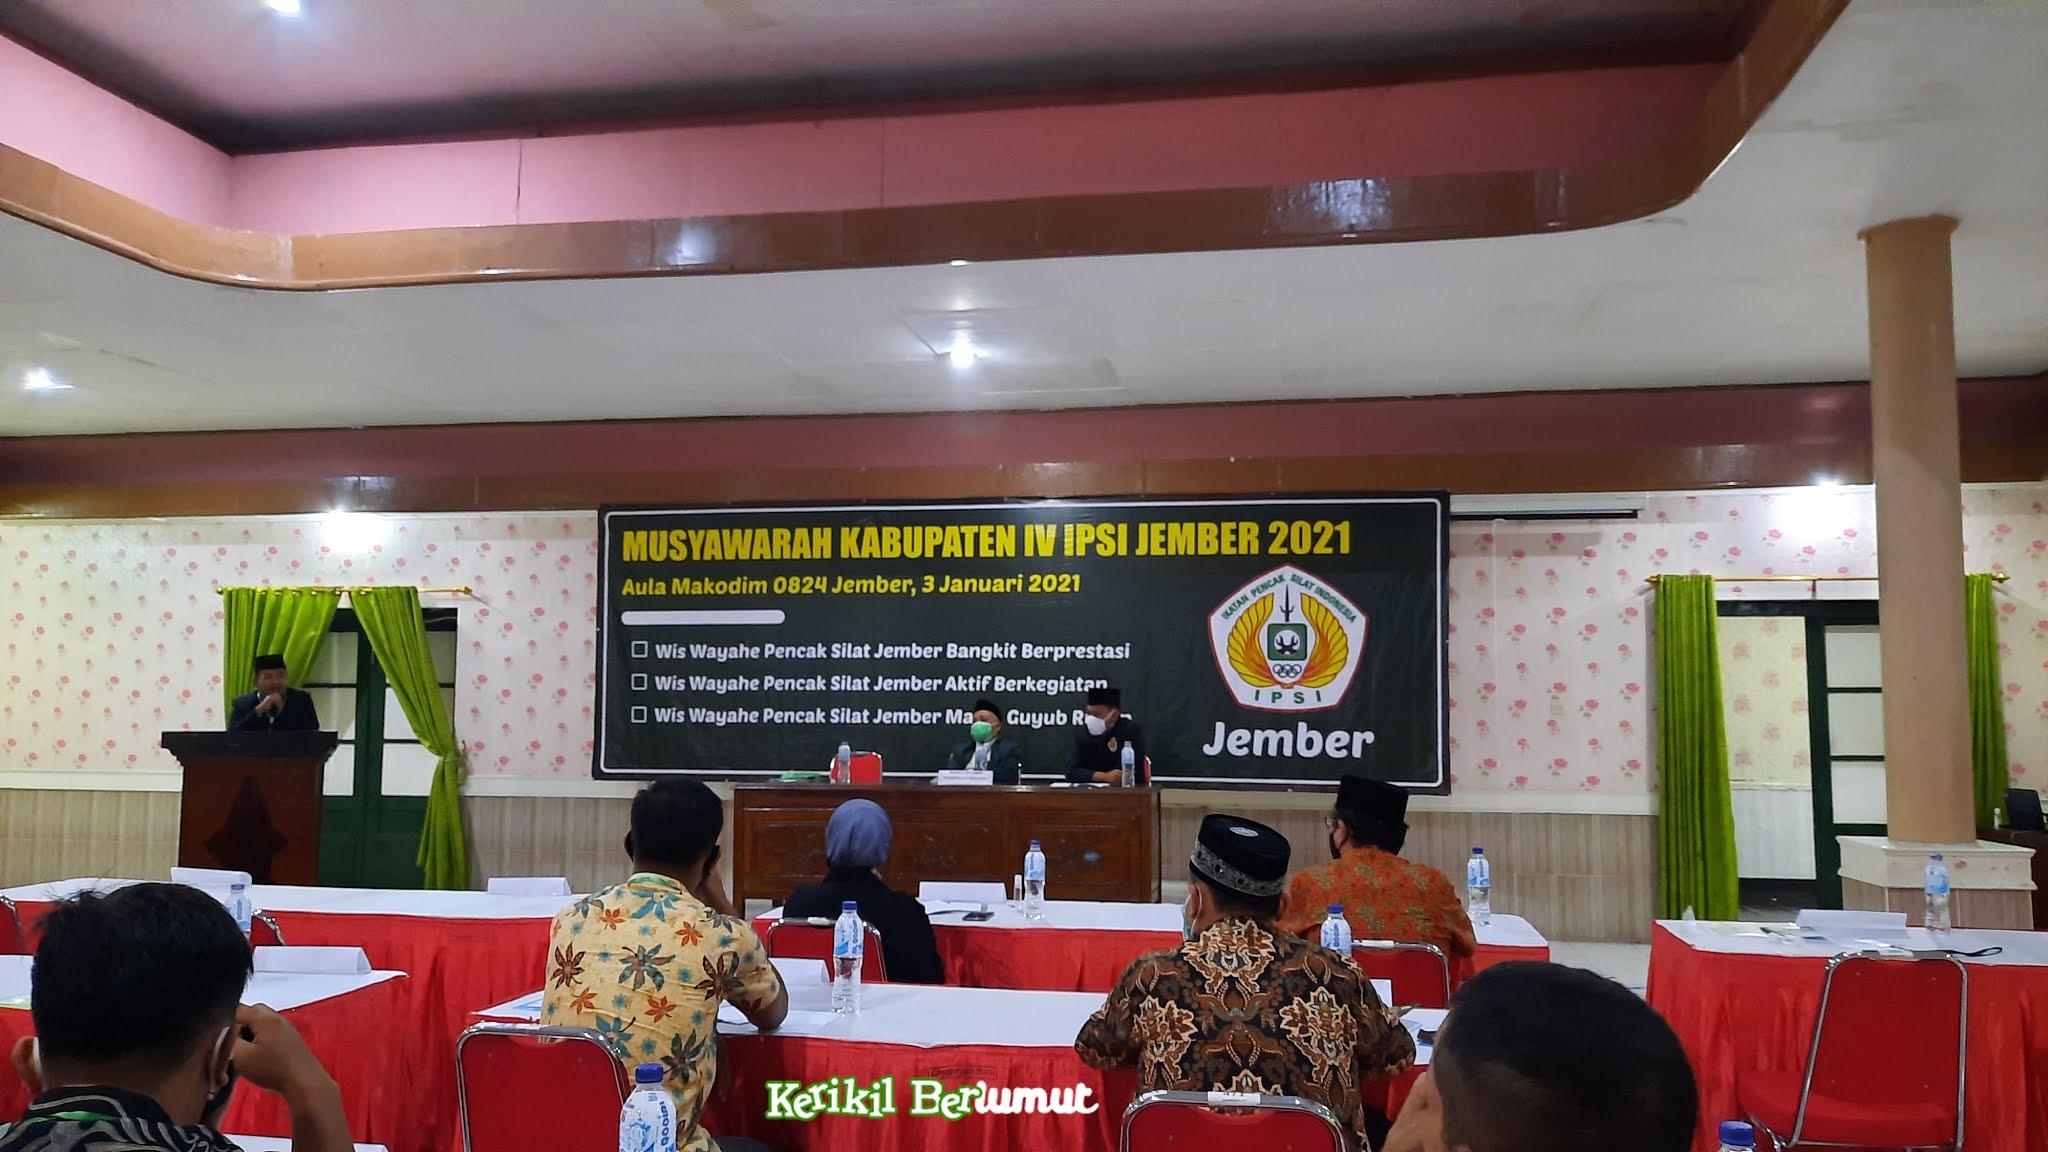 Musyawarah Kabupaten IPSI Jember